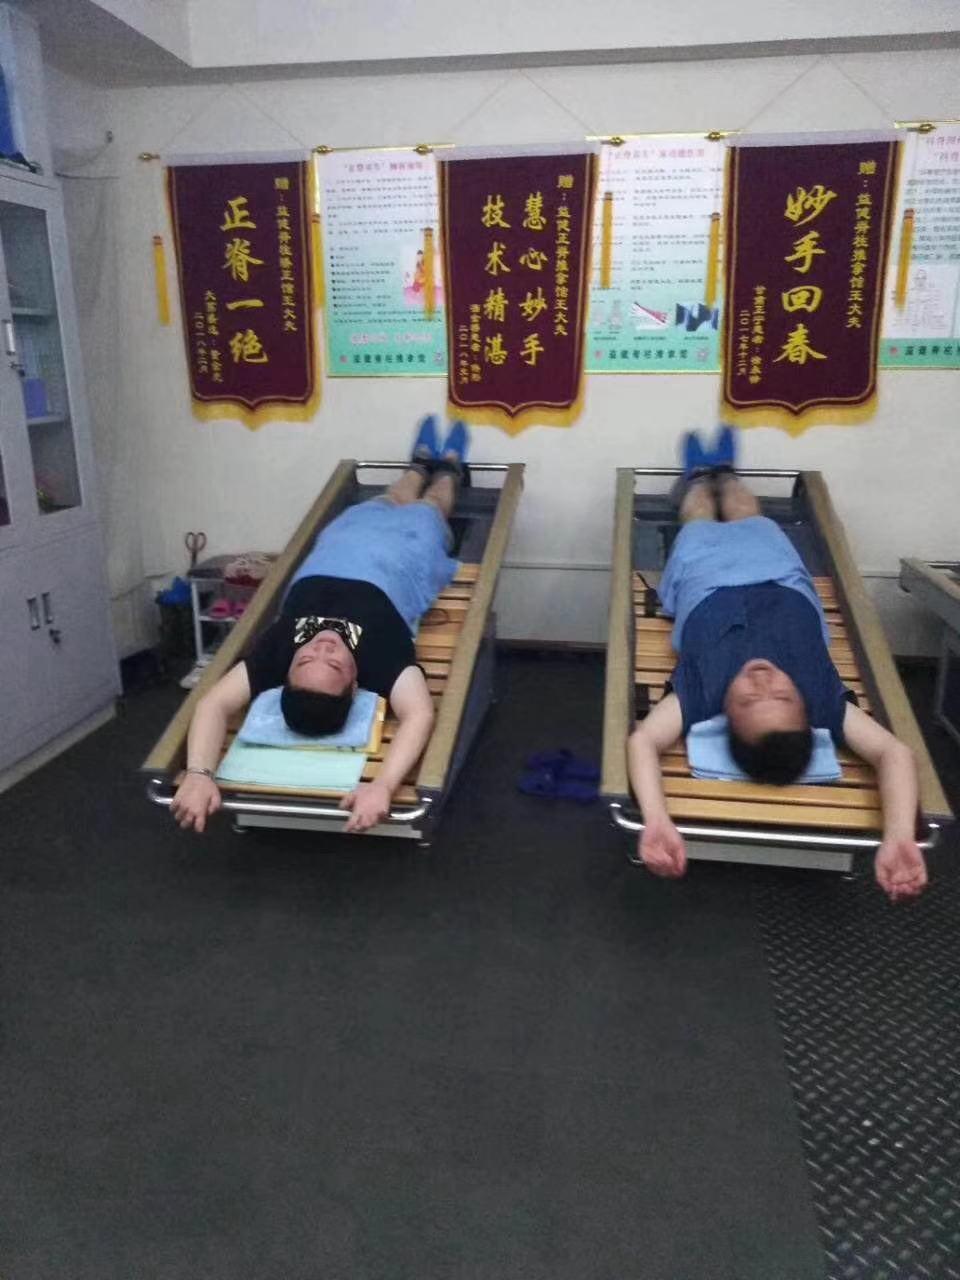 脊之源脊柱梳理床是调理颈、腰椎病症的及时雨。